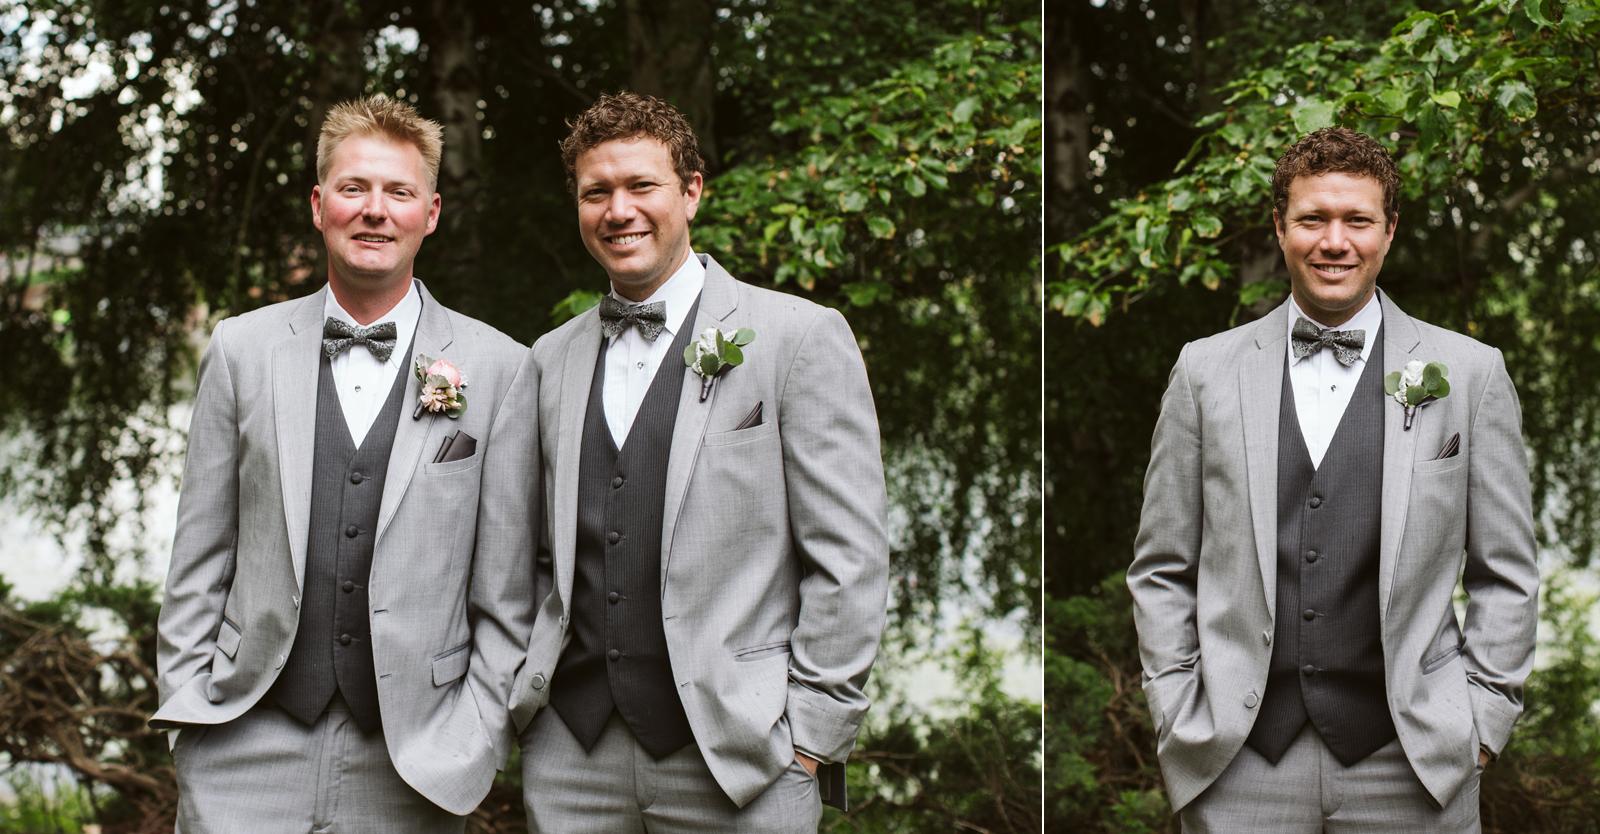 050-daronjackson-gabby-alec-wedding.jpg